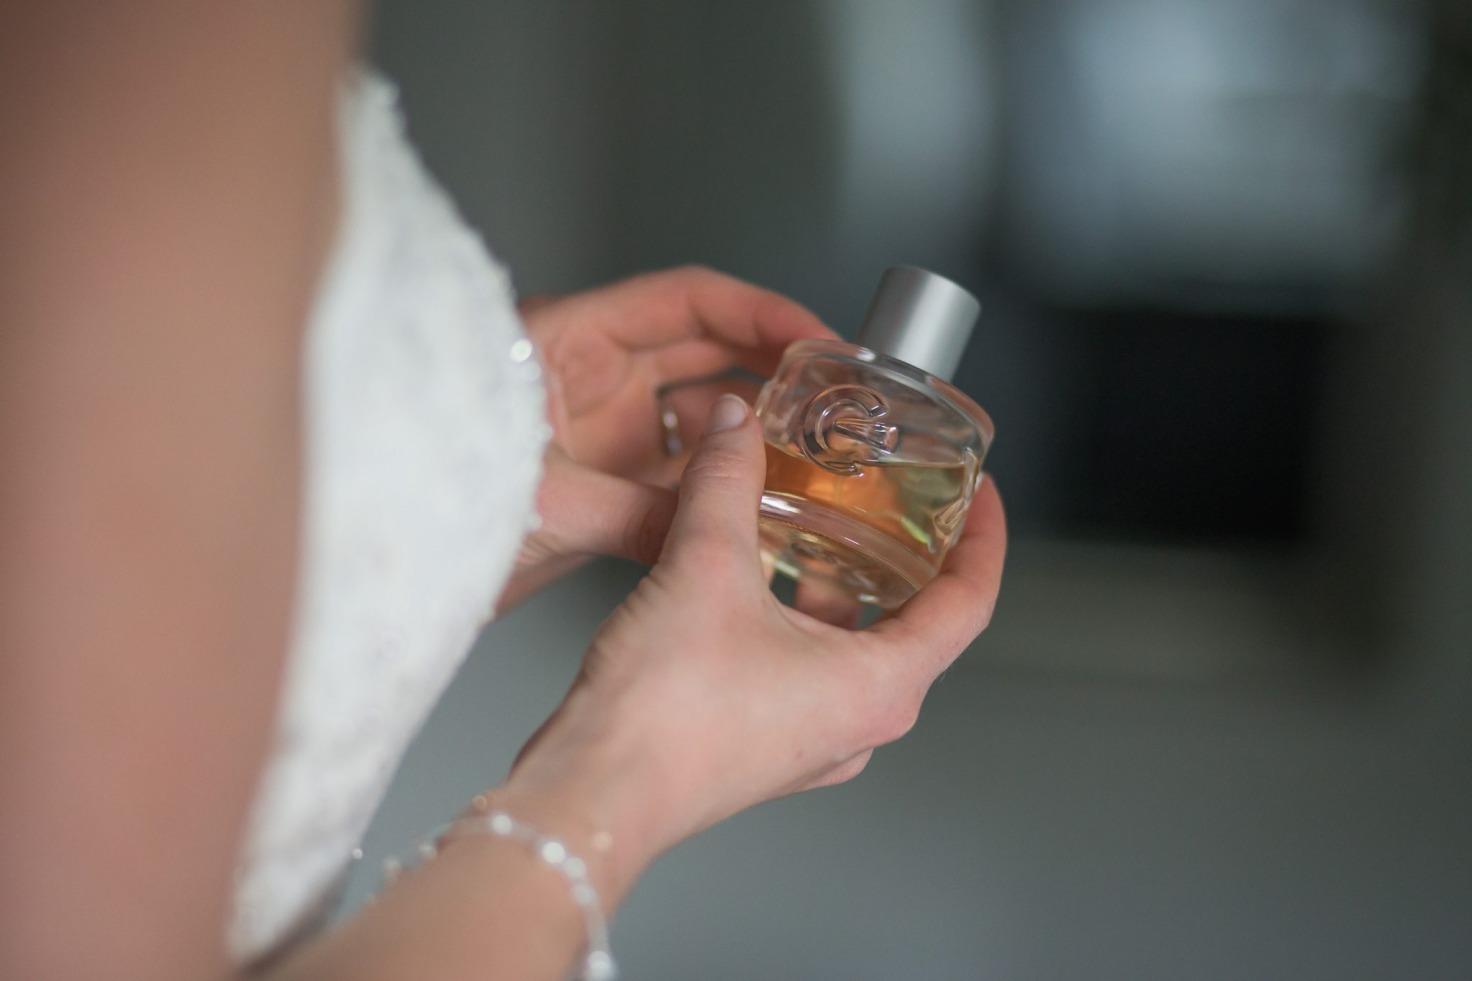 Hochzeit von Tine und Basti in Münster: Braut hält ein Parfüm